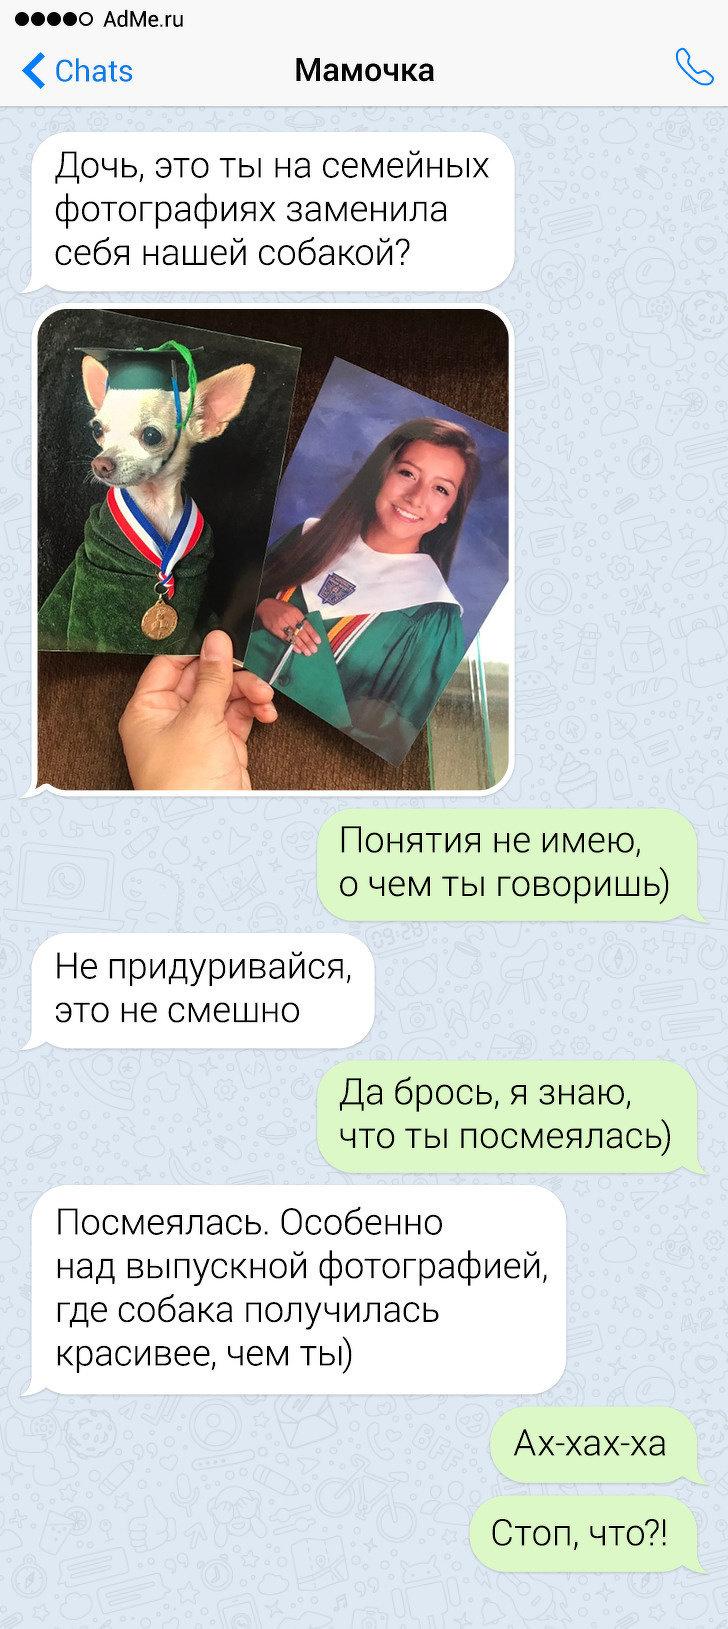 15 СМС-переписок, в которых мамы и папы отличились блестящим чувством юмора (15 фото)